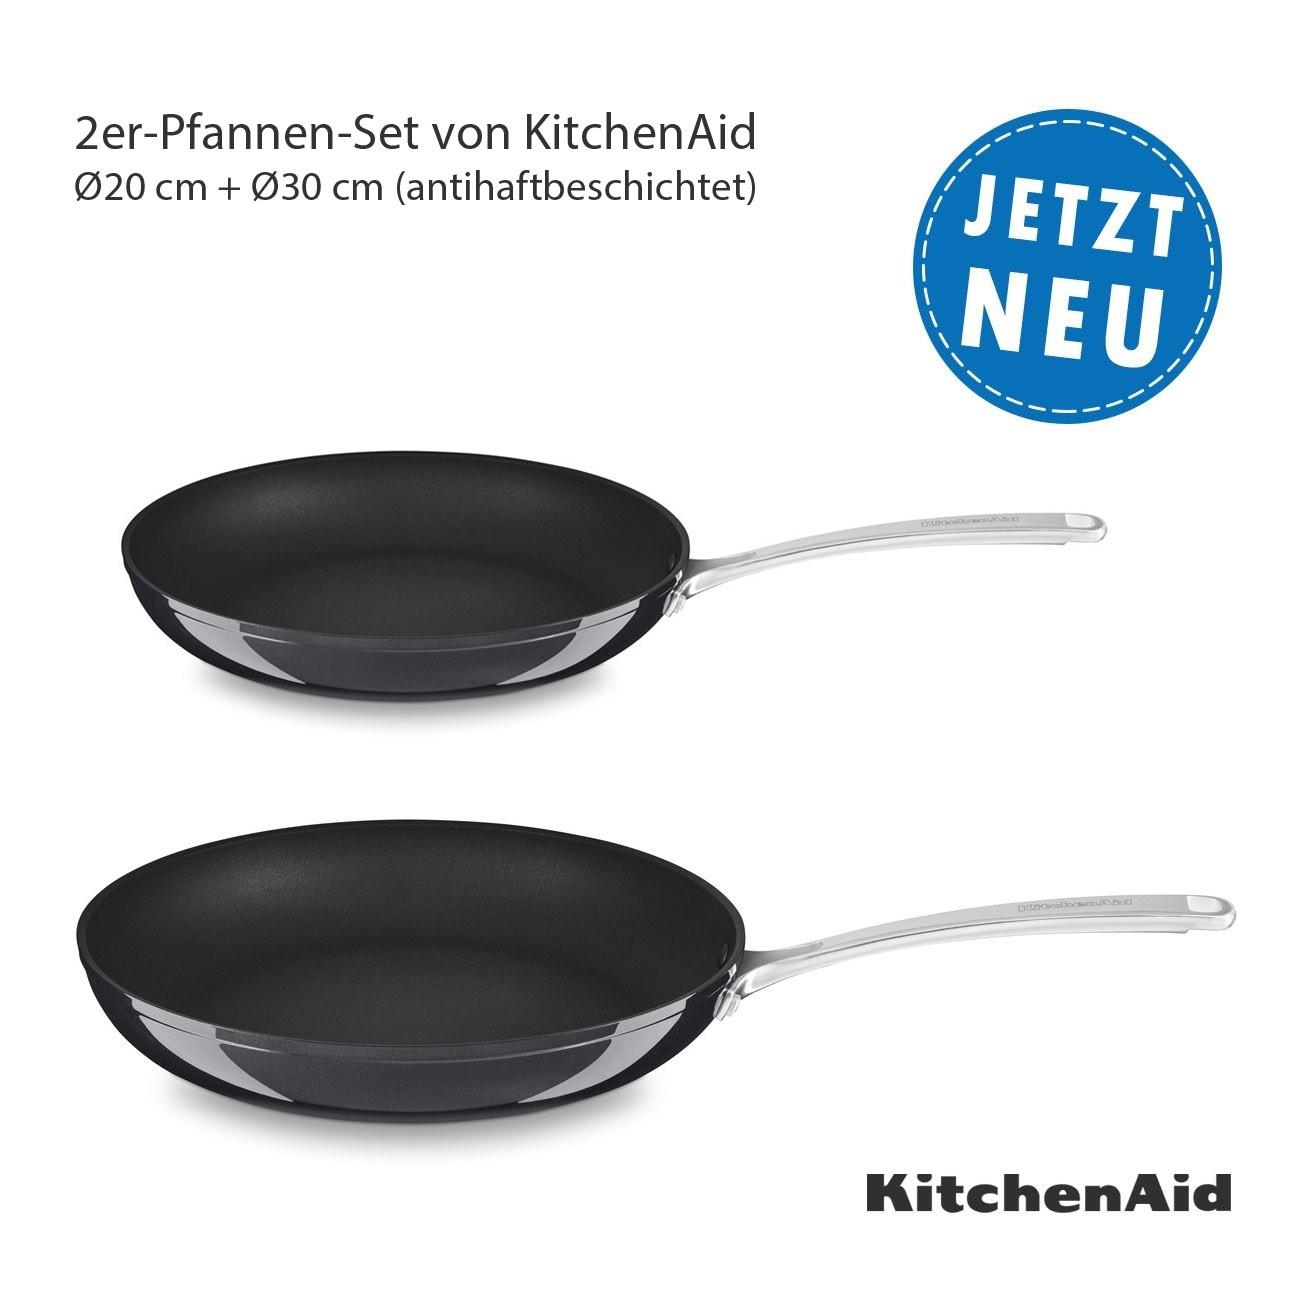 KitchenAid Bratpfannen Ø30 cm und Ø20 cm (antihaftbeschichtet) im Sparset